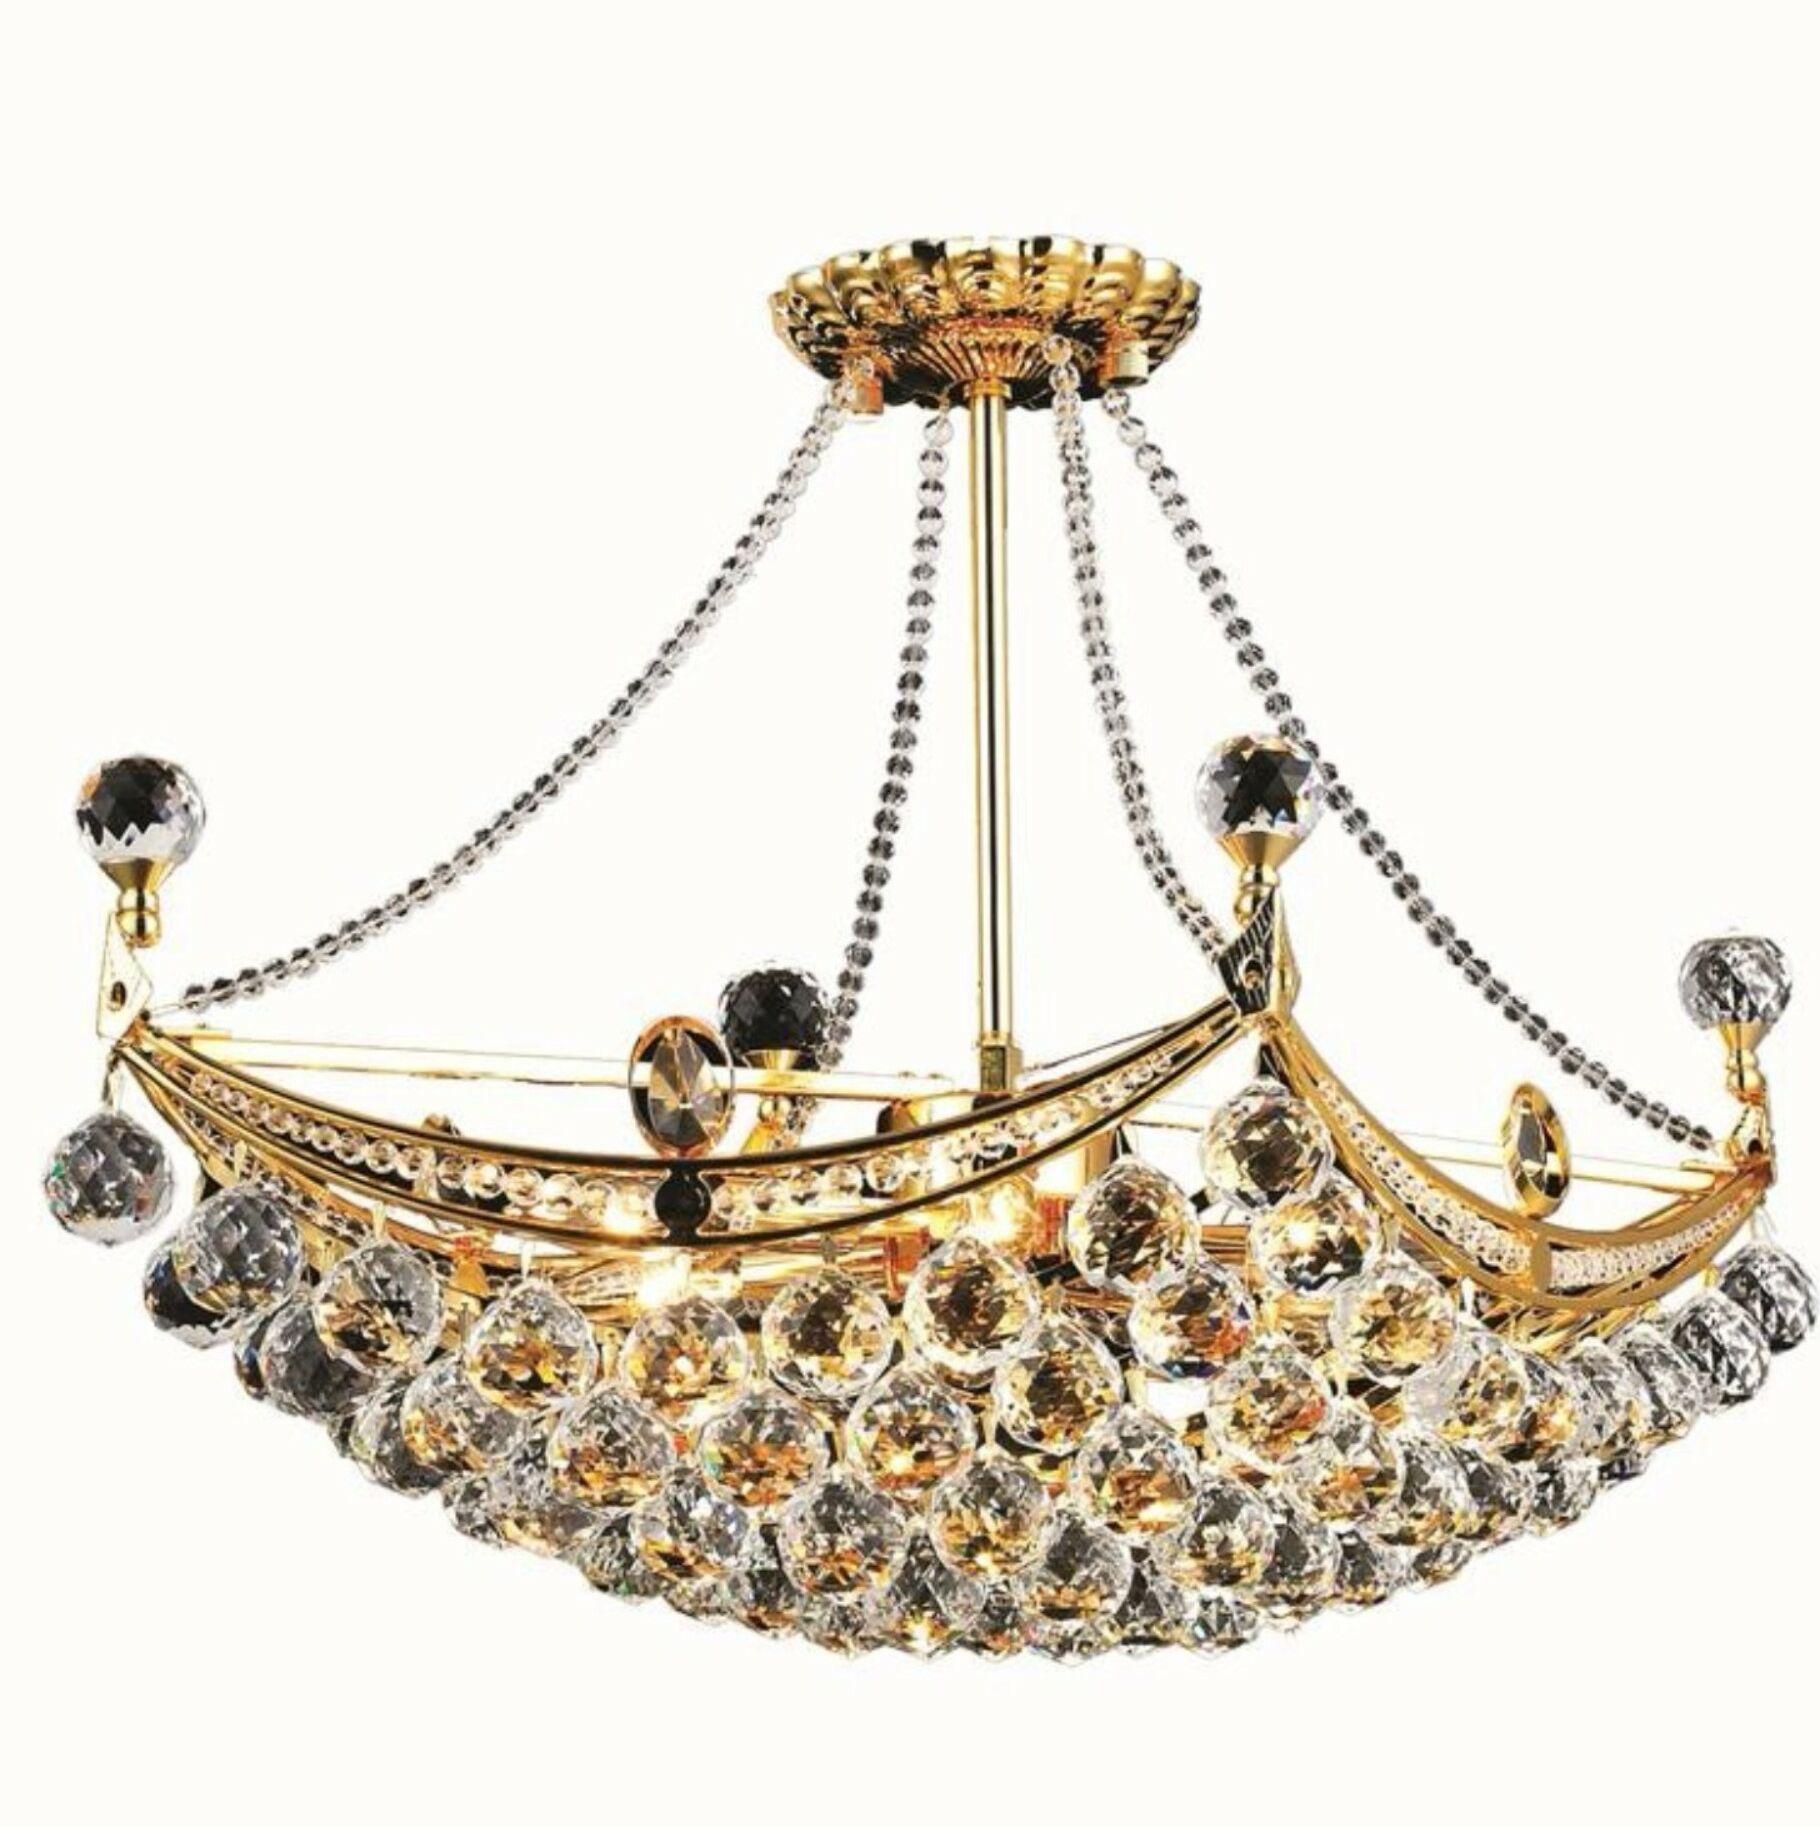 Kasha 6-Light Chandelier Finish: Gold, Crystal: Strass Swarovski